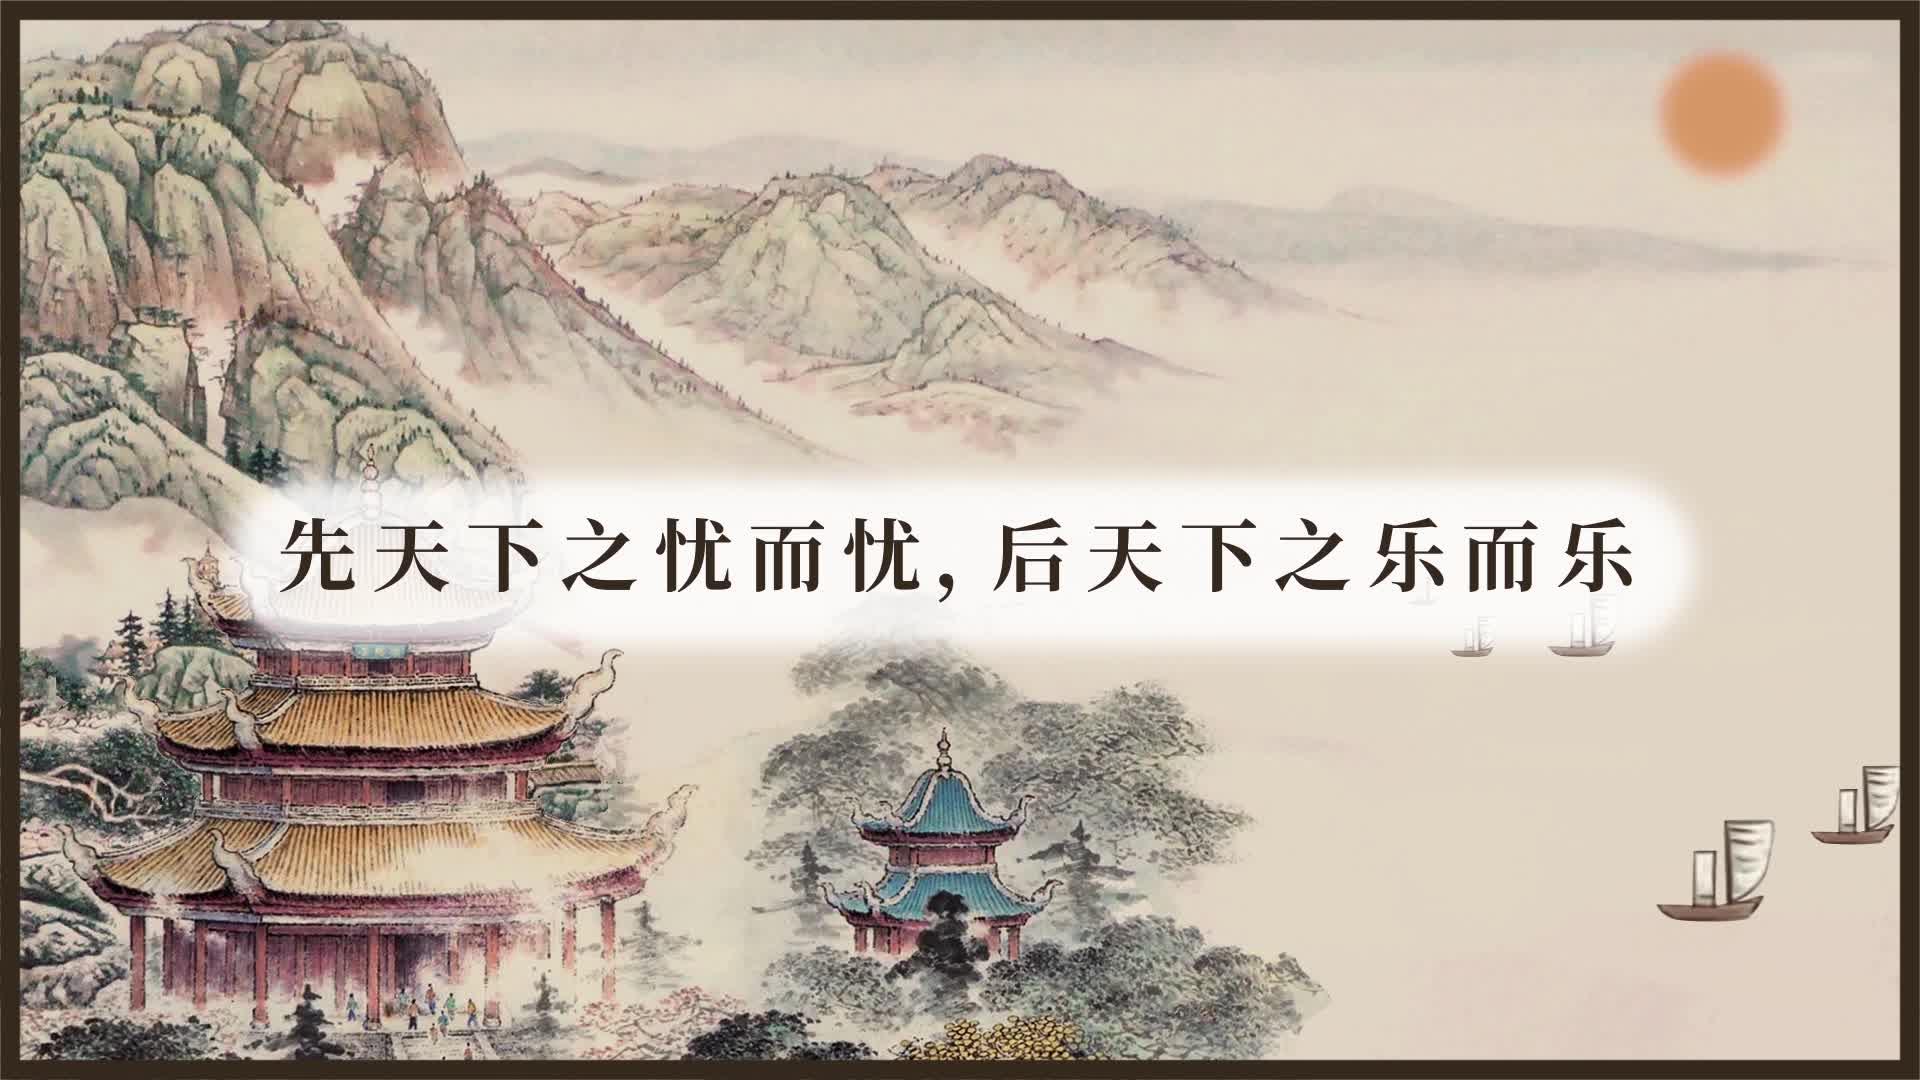 《满分写作》22游记作文-风景这边独好(1)